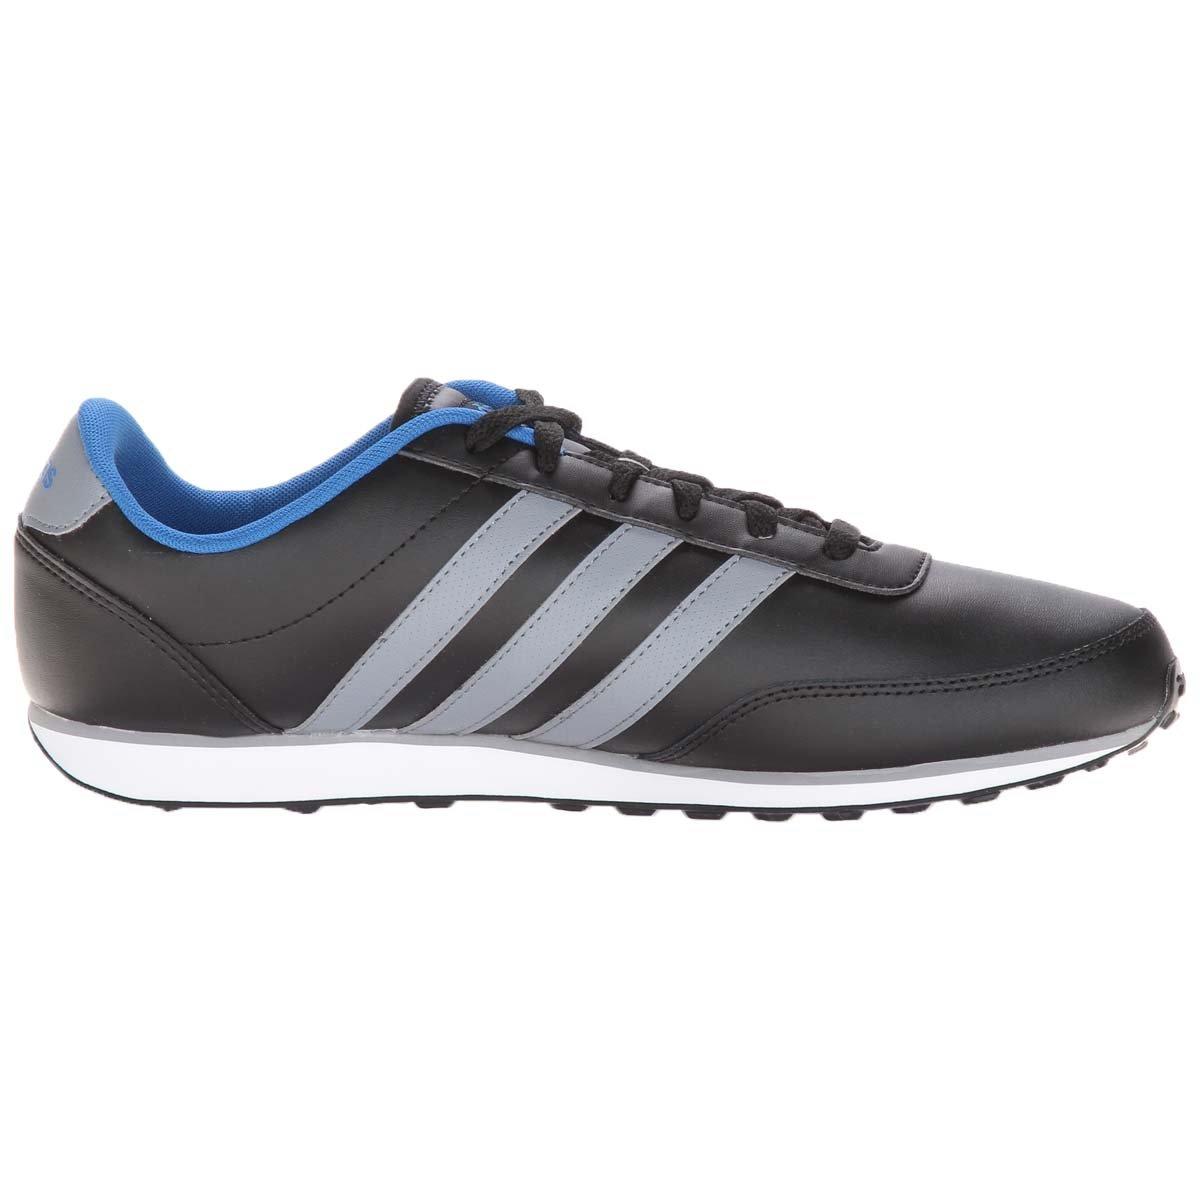 e6856943330e4 Tênis Adidas V Racer - Compre Agora